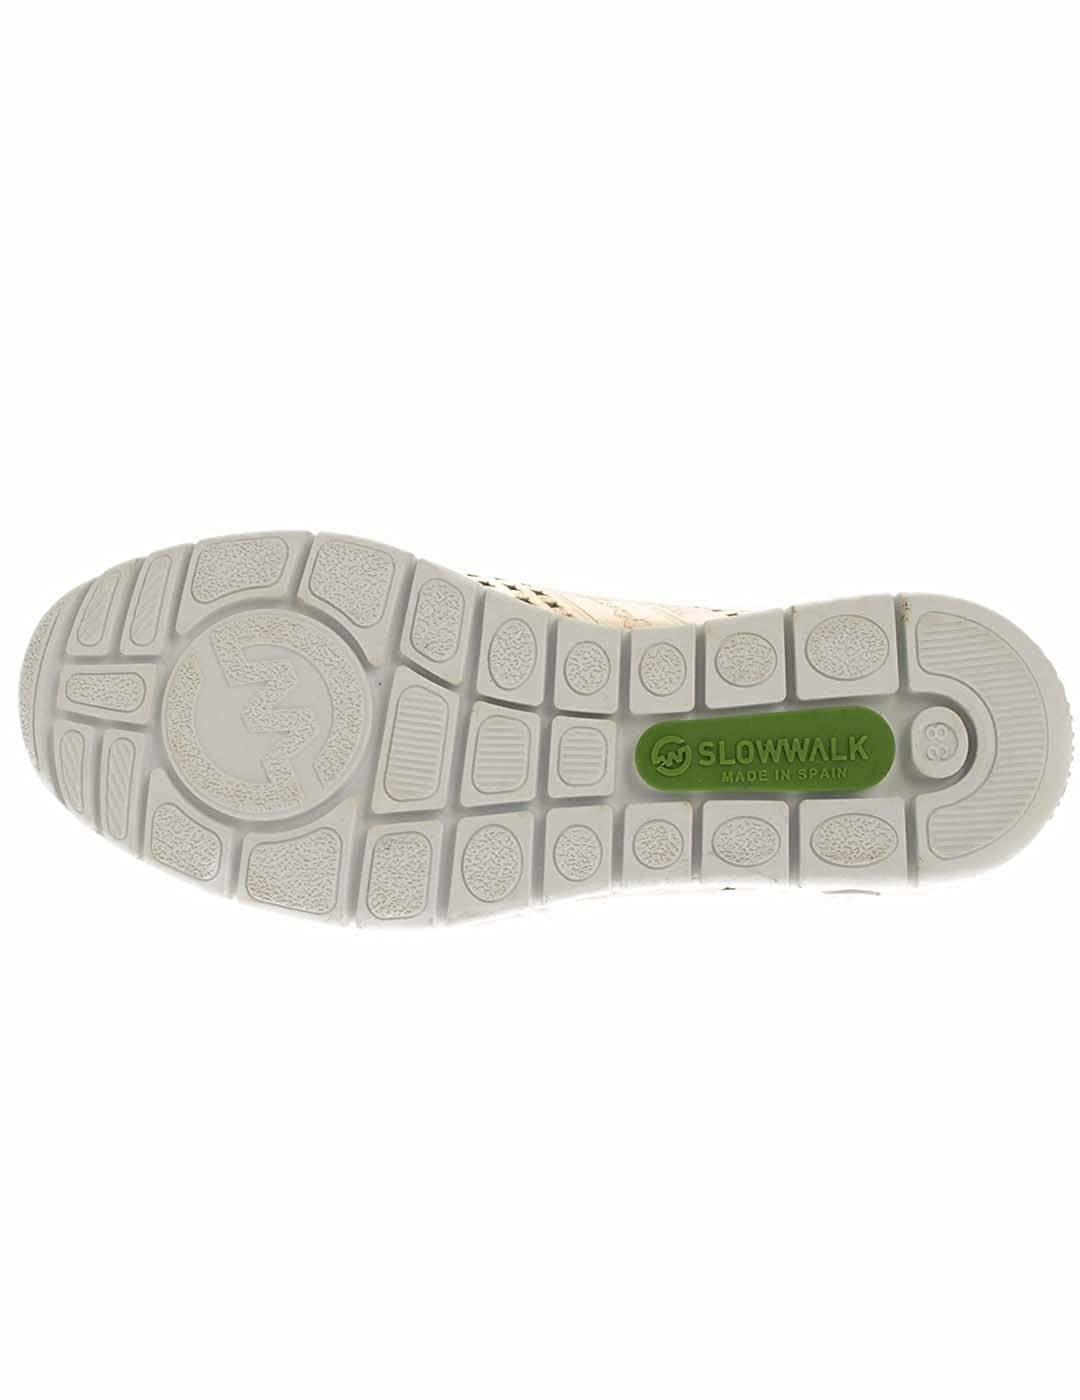 Metalizado Y Slowwalk Mujer Morvi Zapatillas OroAmazon esZapatos kwN80OPnXZ